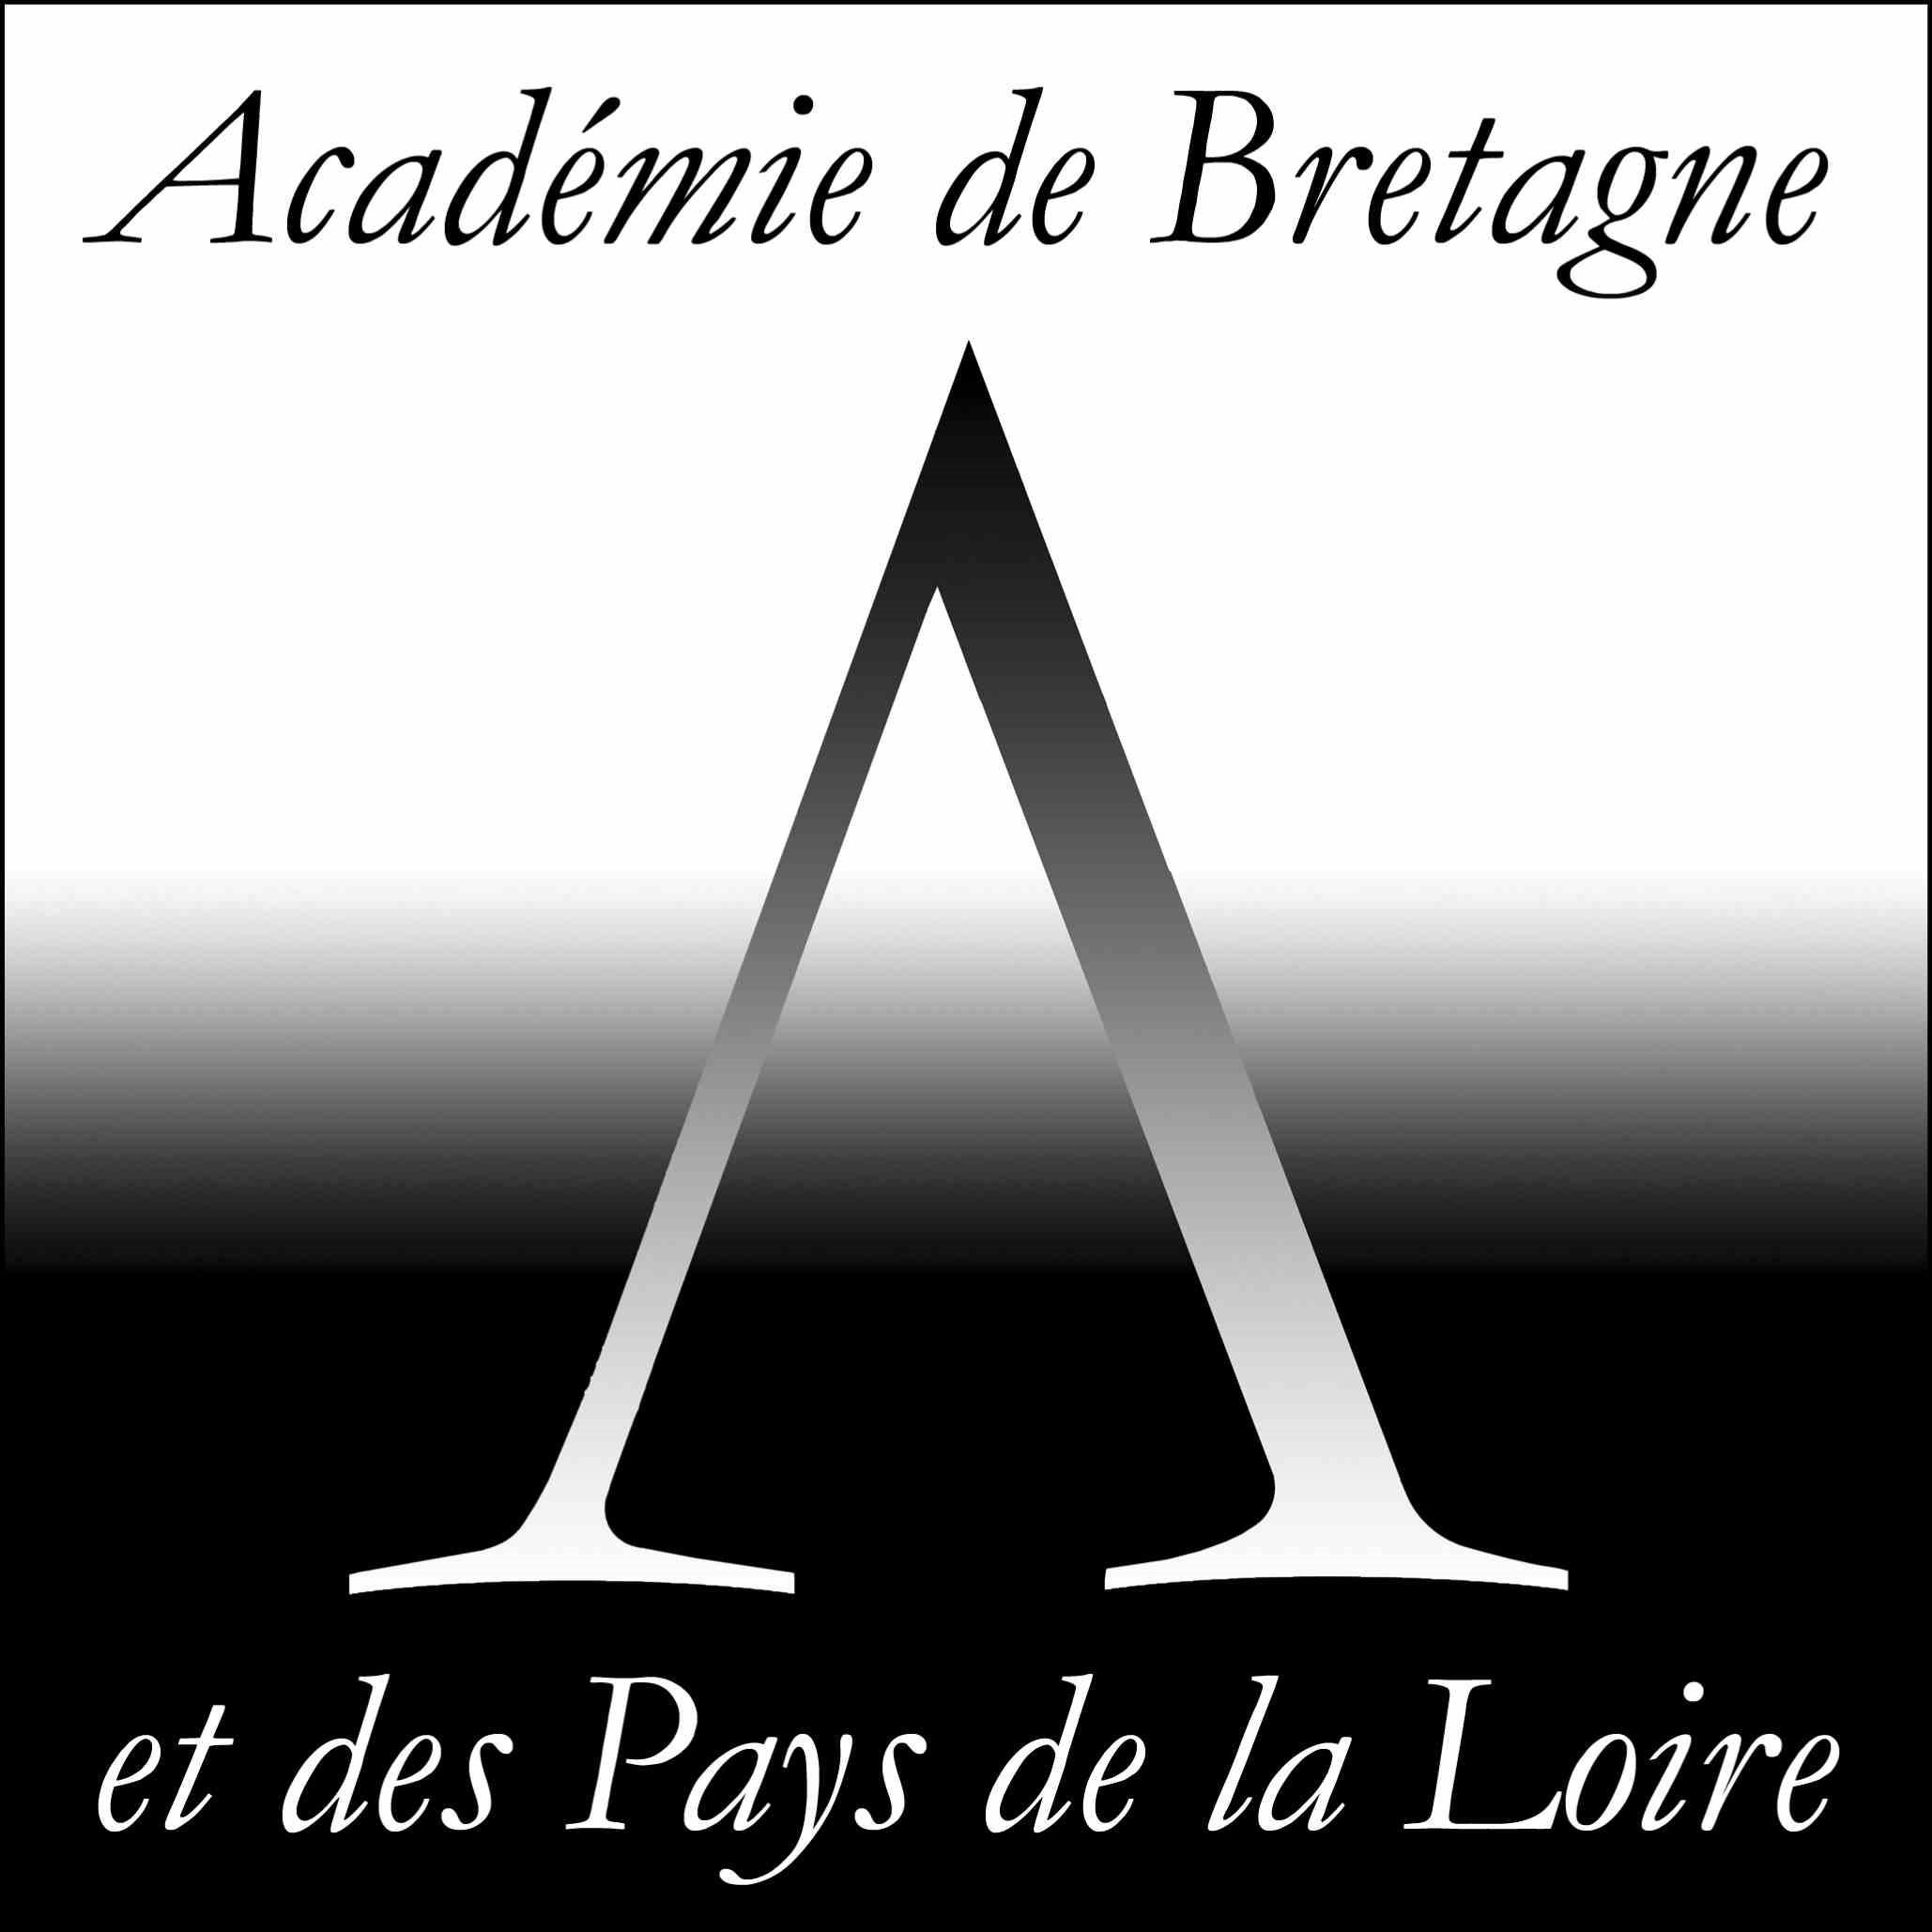 logo_academie-bret-pays-de-la-loire